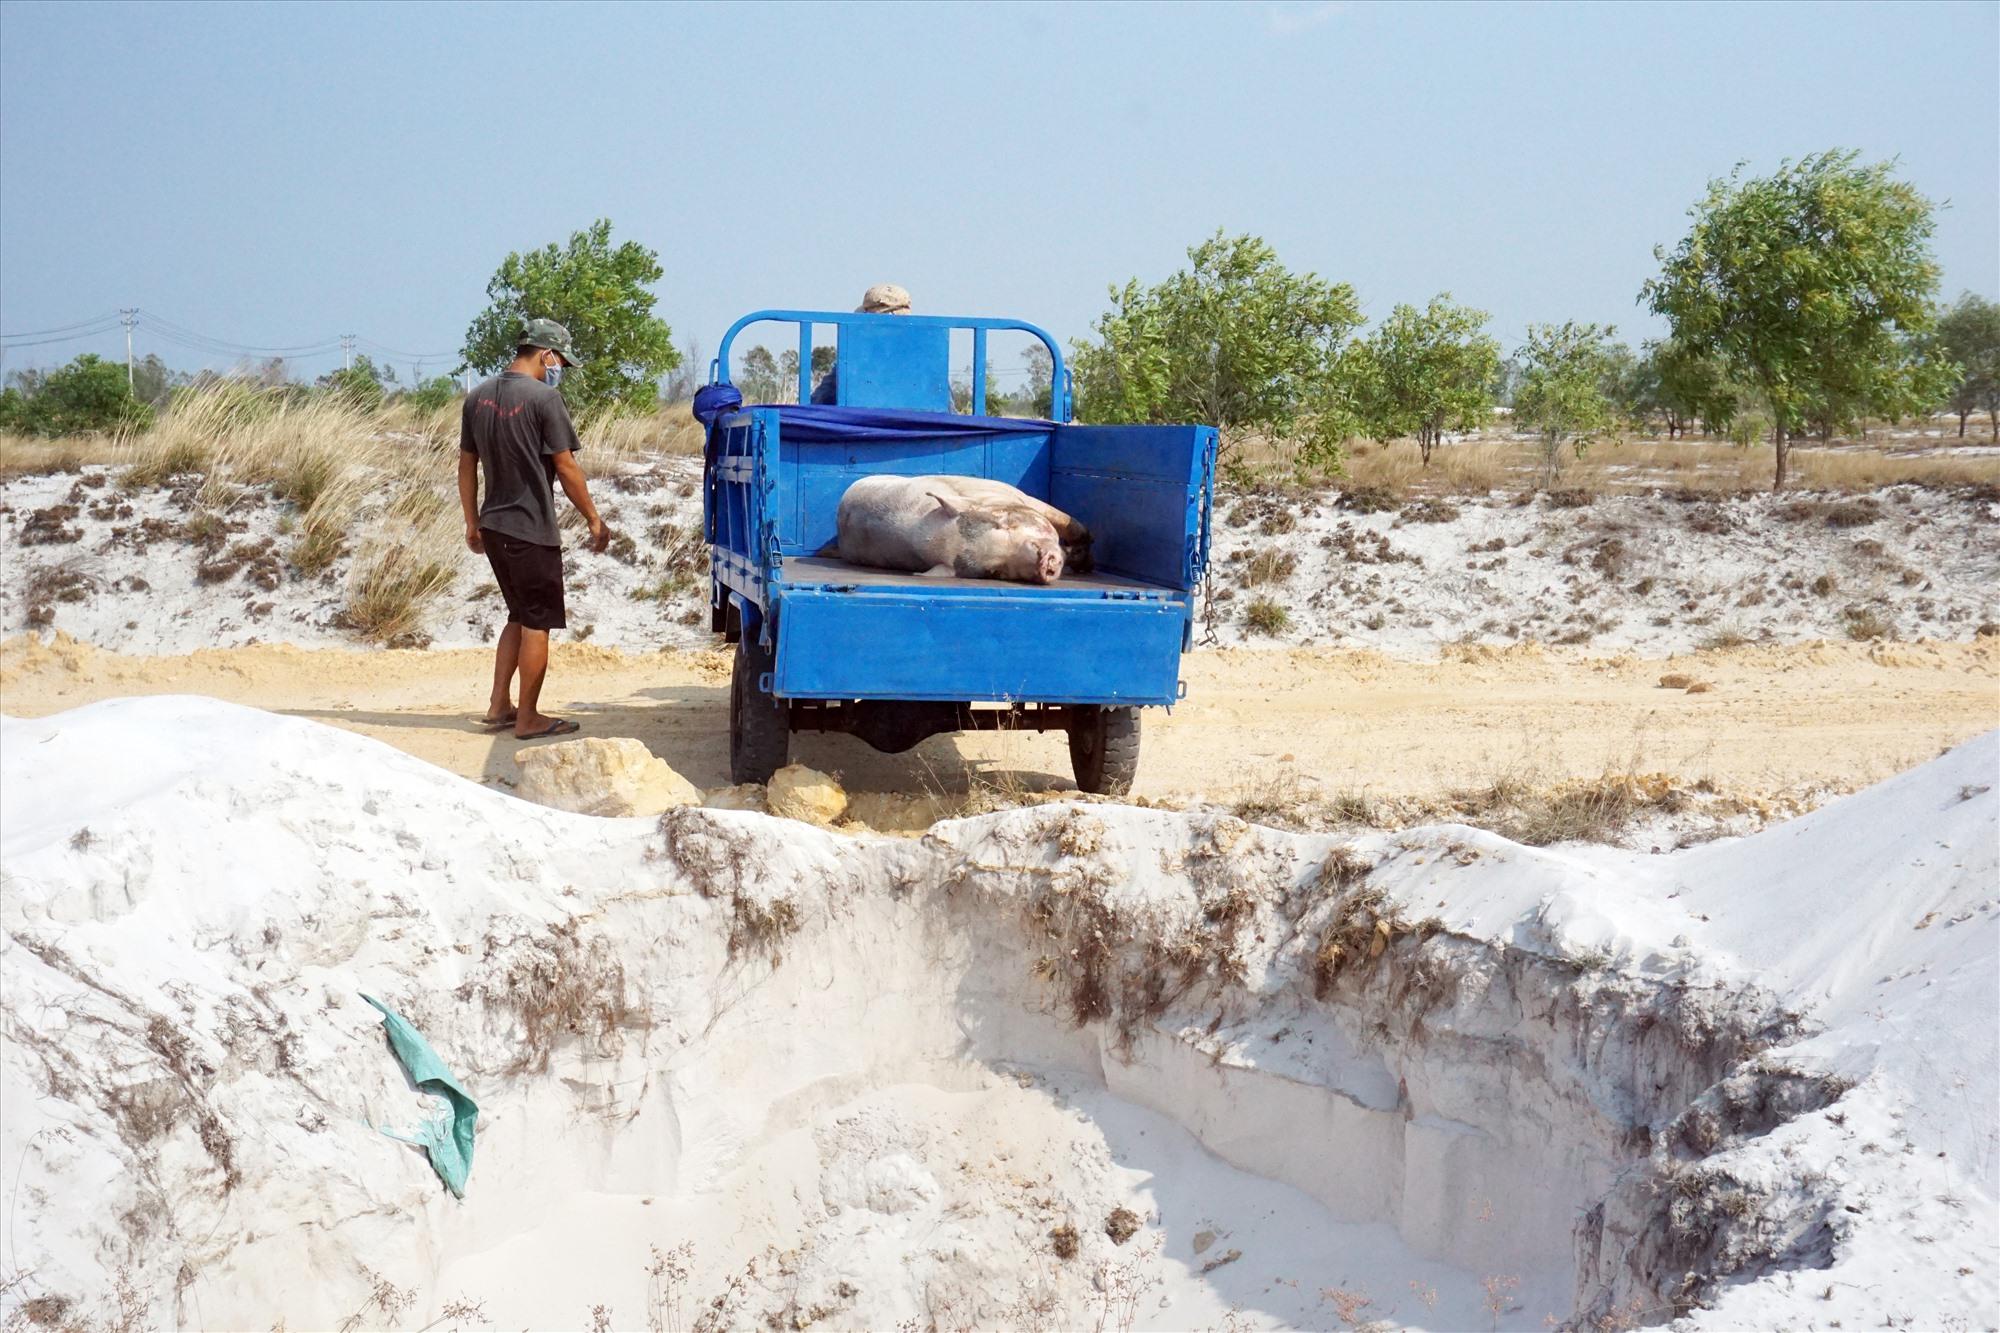 Lực lượng chức năng xã Bình Giang tiêu hủy heo do mắc bệnh dịch tả lợn châu Phi. Ảnh: BIÊN THỰC